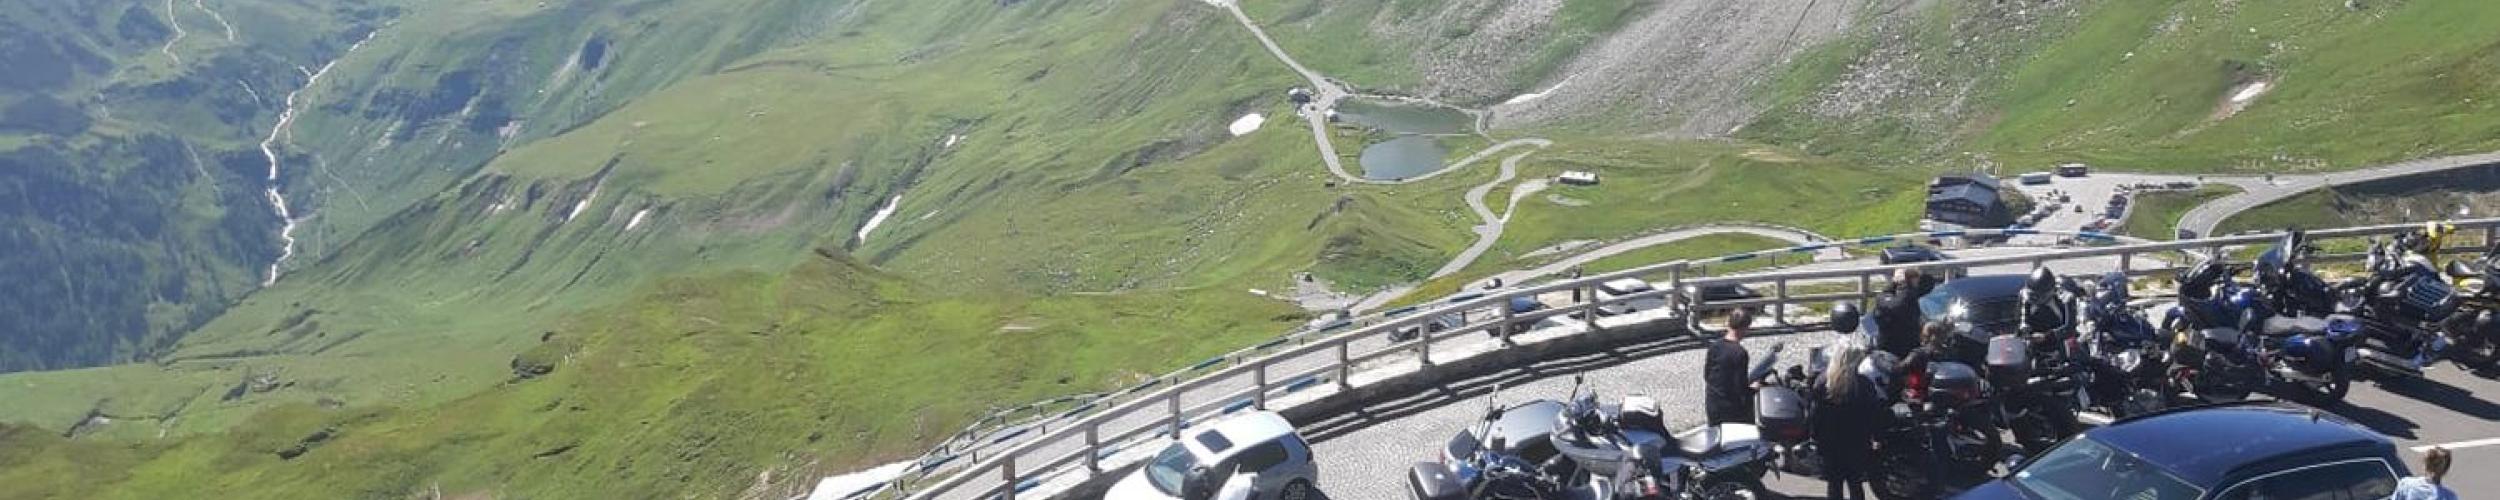 Motorroute Bei der Anton in Tirol   Motorreizen Oostenrijk